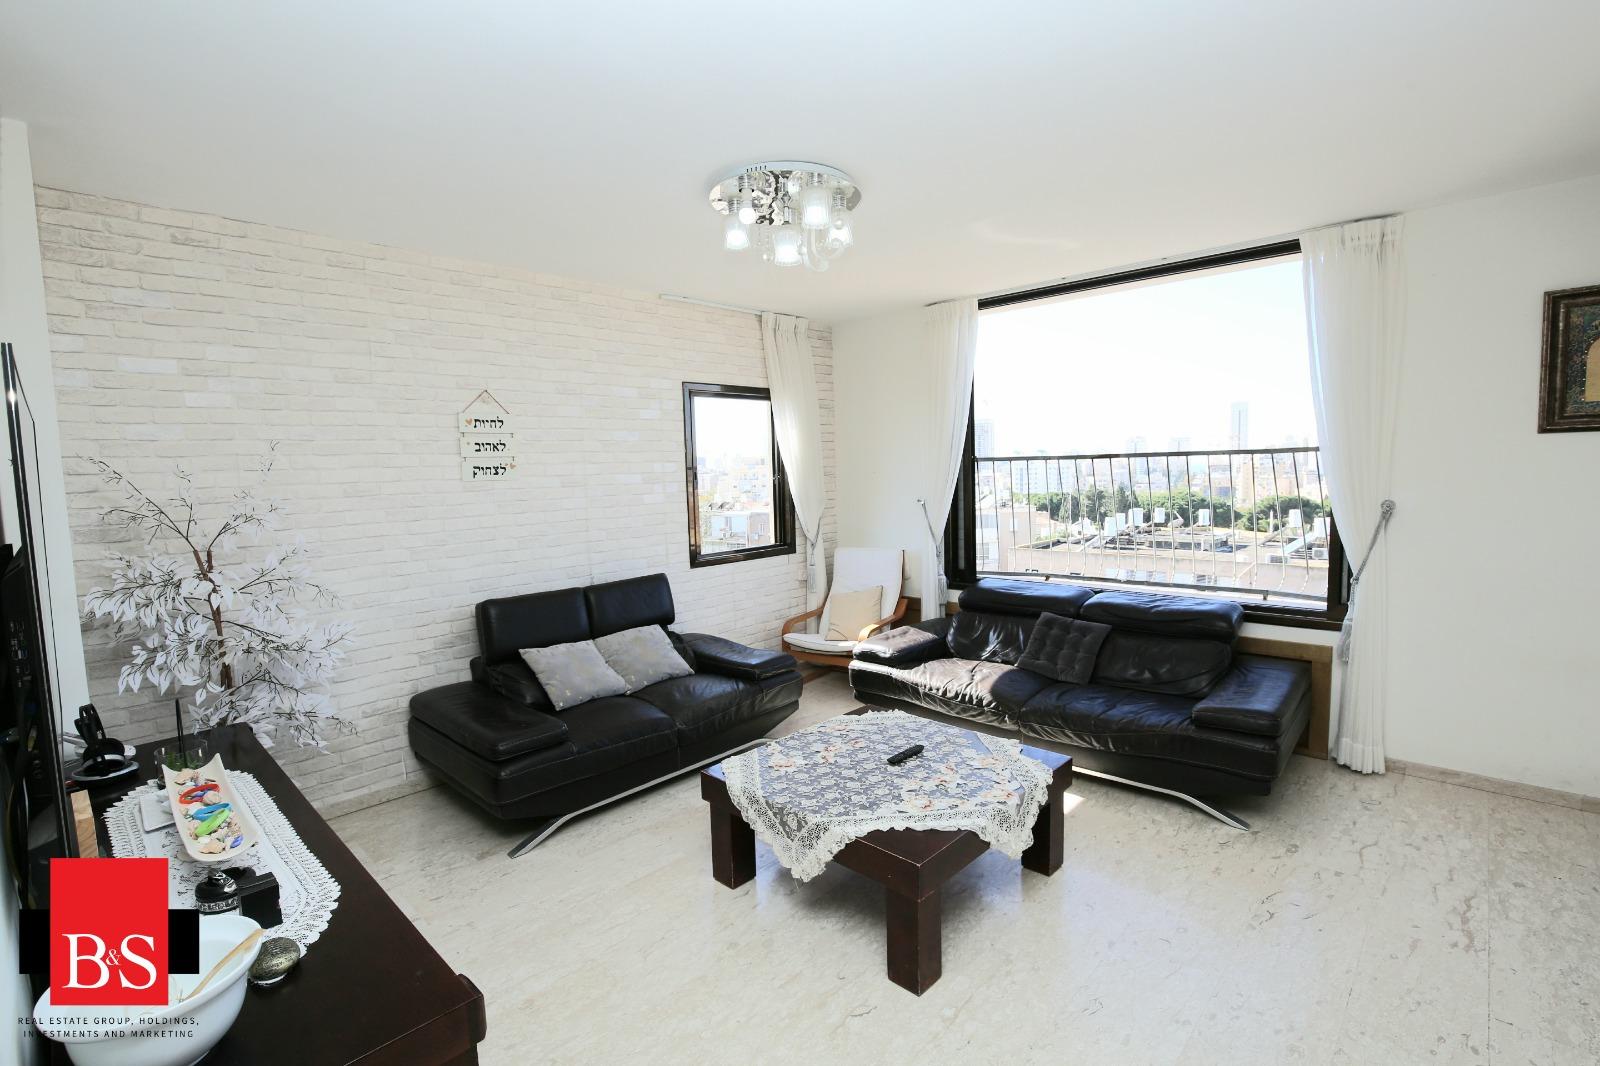 דירת 5 חדרים, רחוב עמק חפר 6, צפון העיר